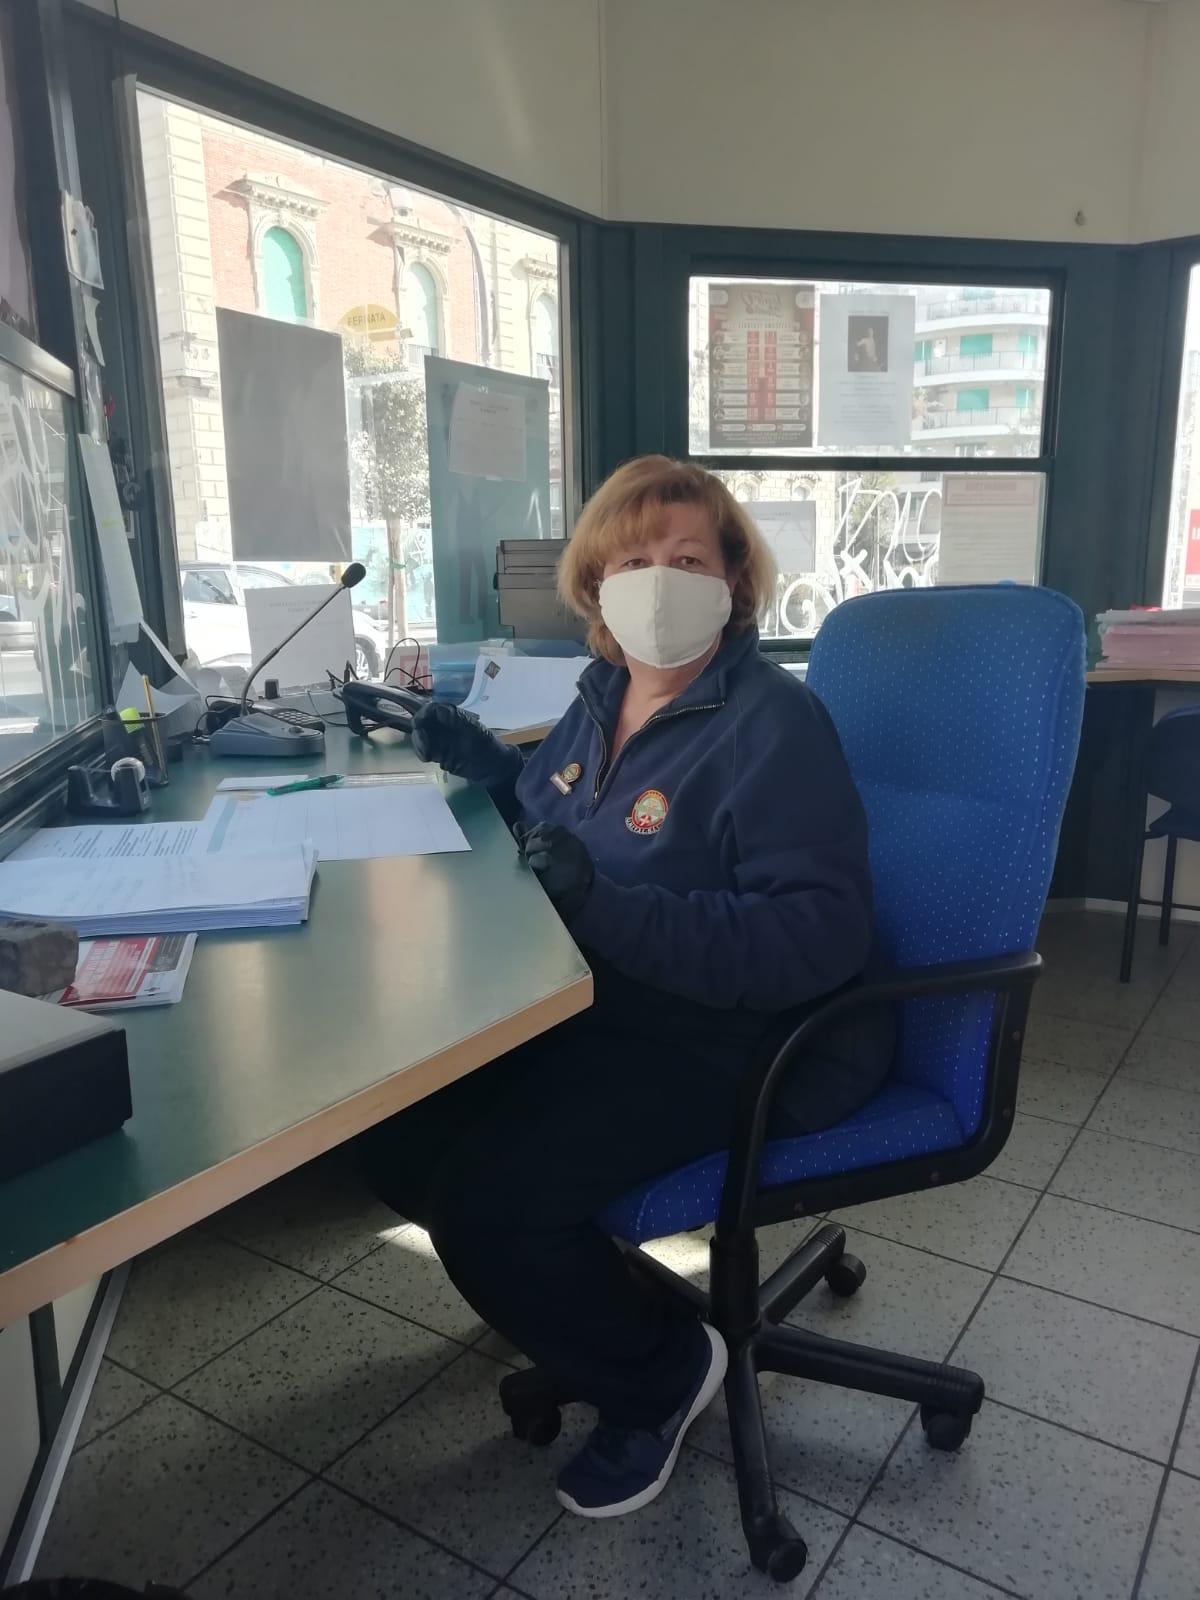 Nettuno, Coronavirus: l'impegno dei volontari dell'Unitalsi